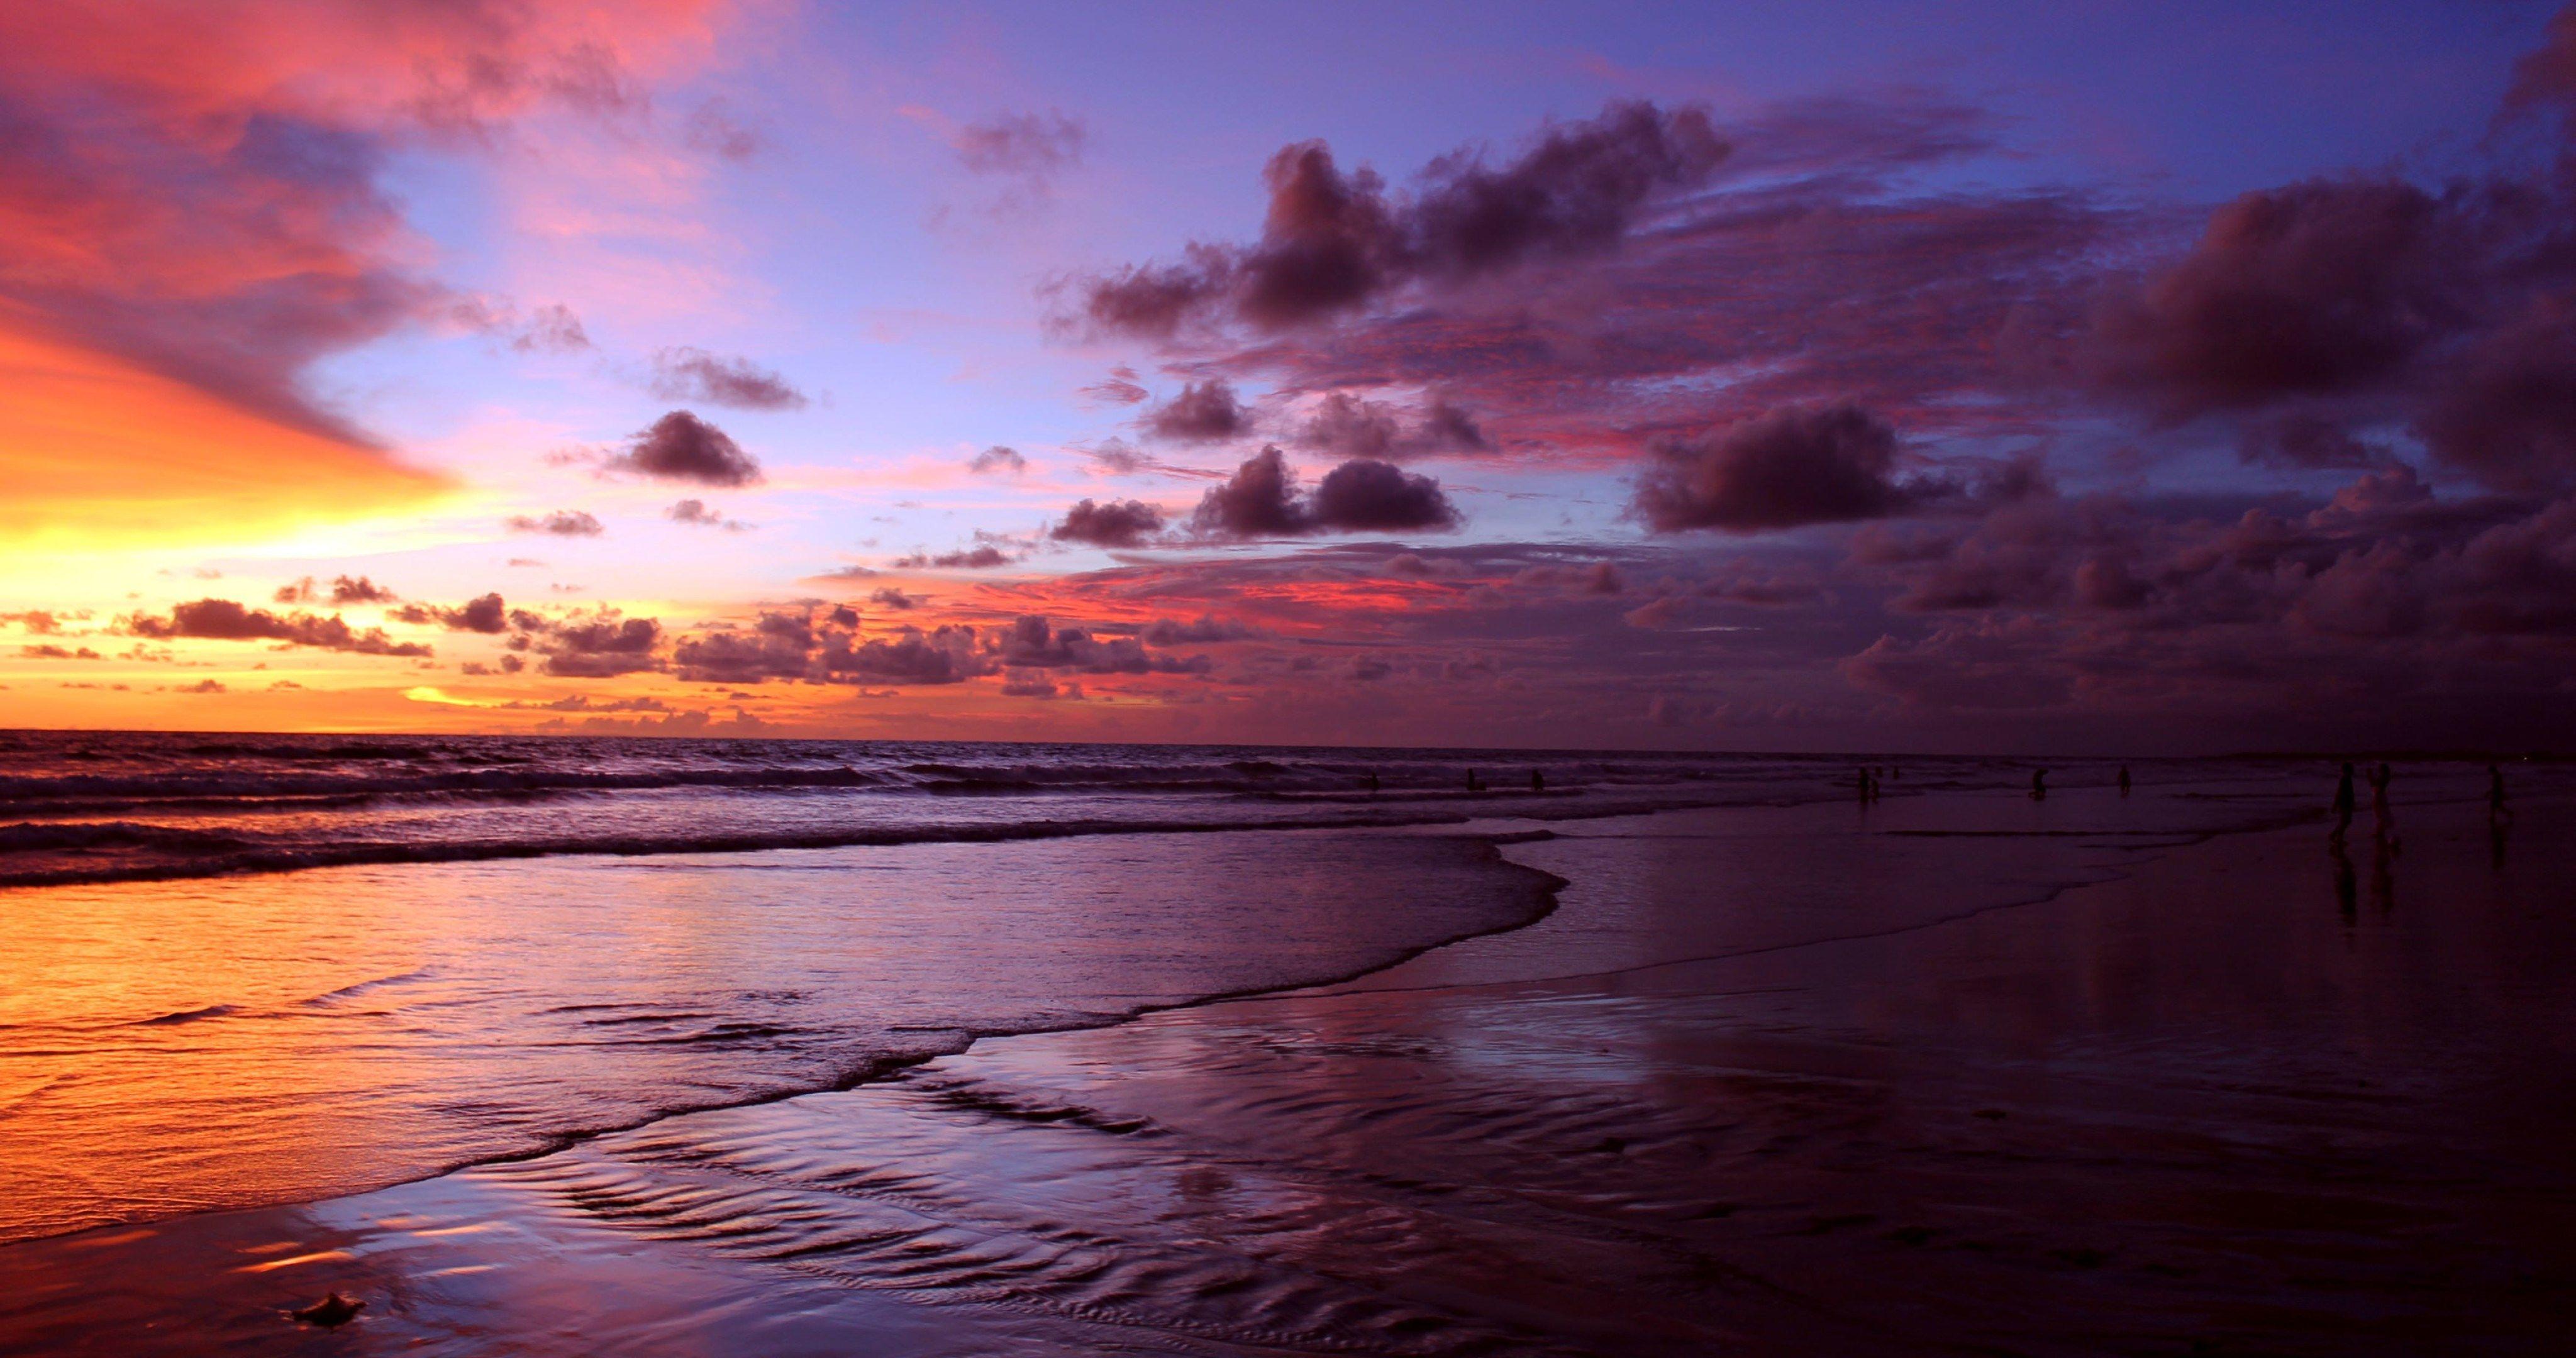 People Watch Sunset On Sea 4k Ultra Hd Wallpaper Sunset Sea Sunset Bali Sunset